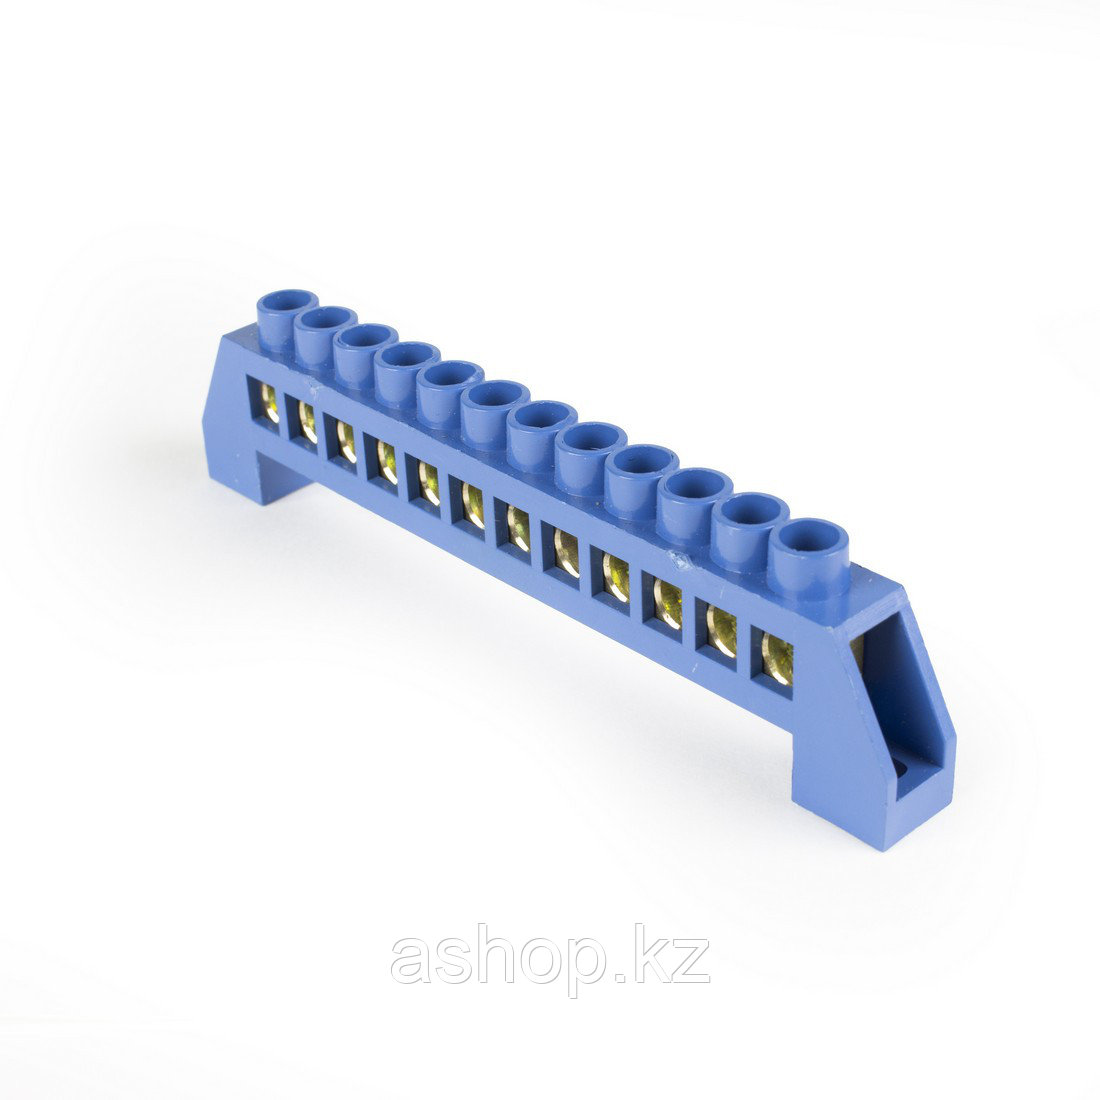 Шина нулевая изолированная Deluxe TS-0812С/12, Кол-во групп:12, Крепление: на изоляторах, Соединение: Болтовое